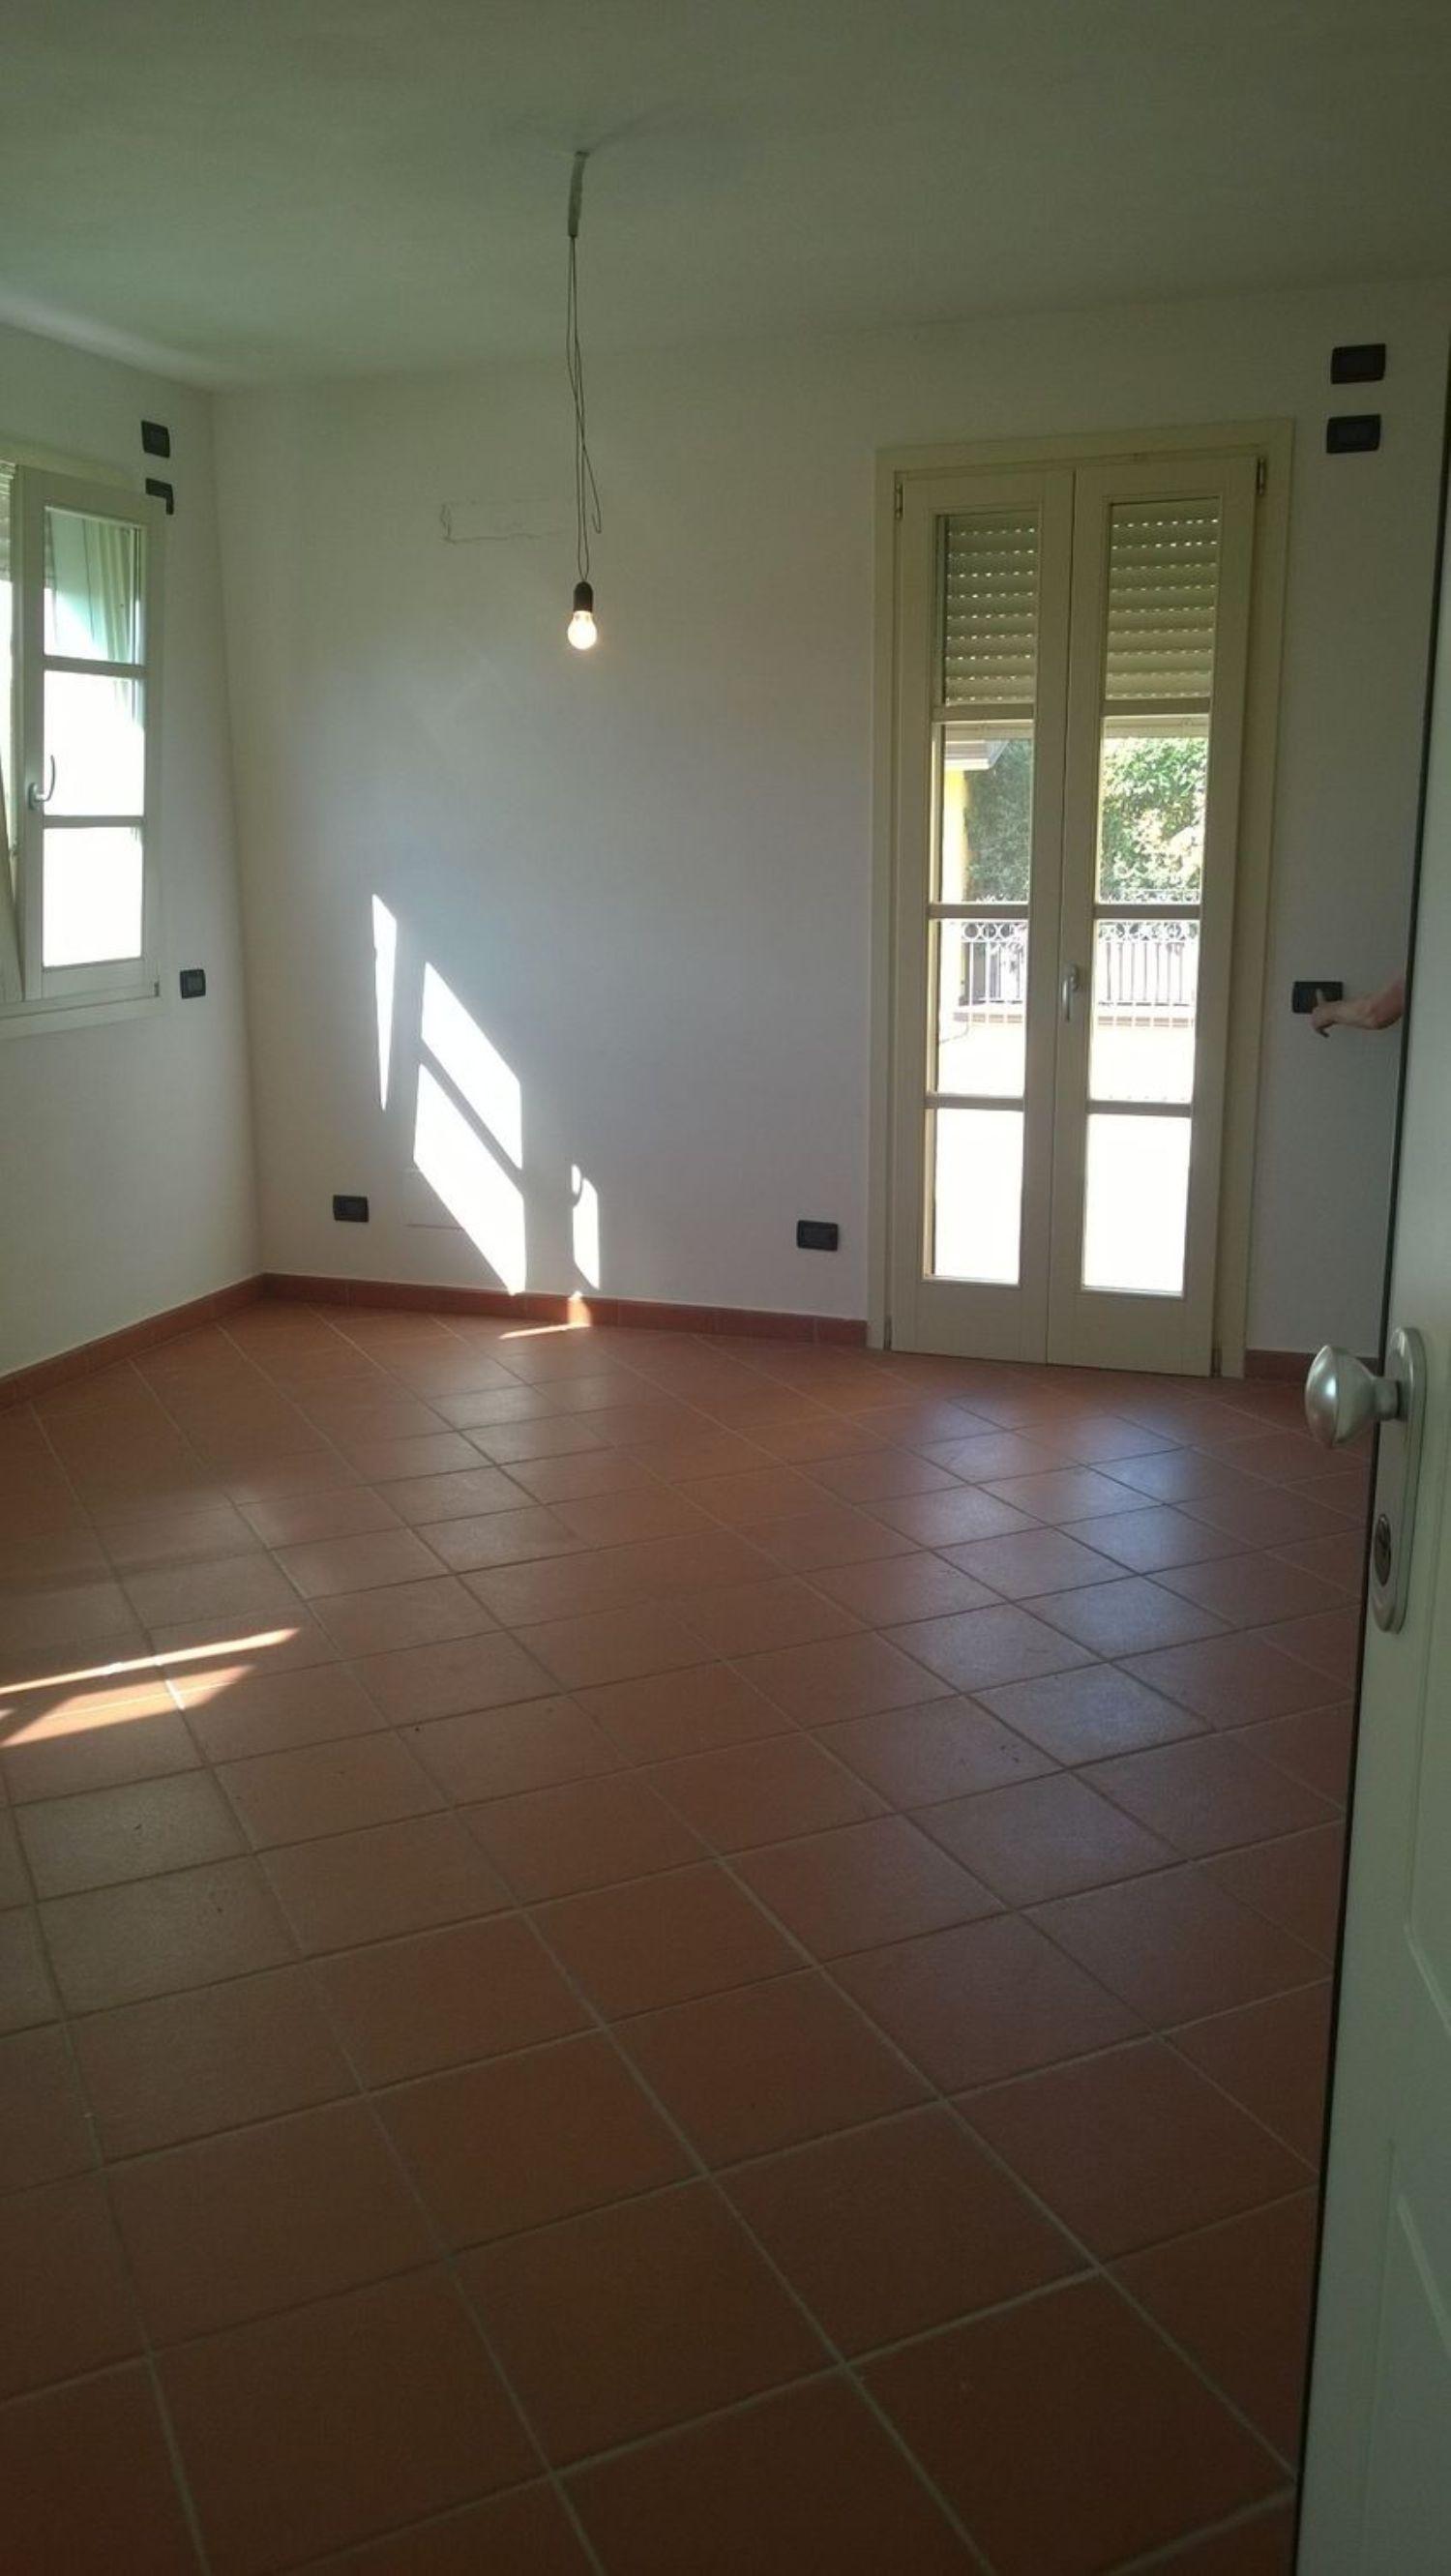 Attico / Mansarda in vendita a Lucca, 5 locali, prezzo € 165.000 | Cambio Casa.it